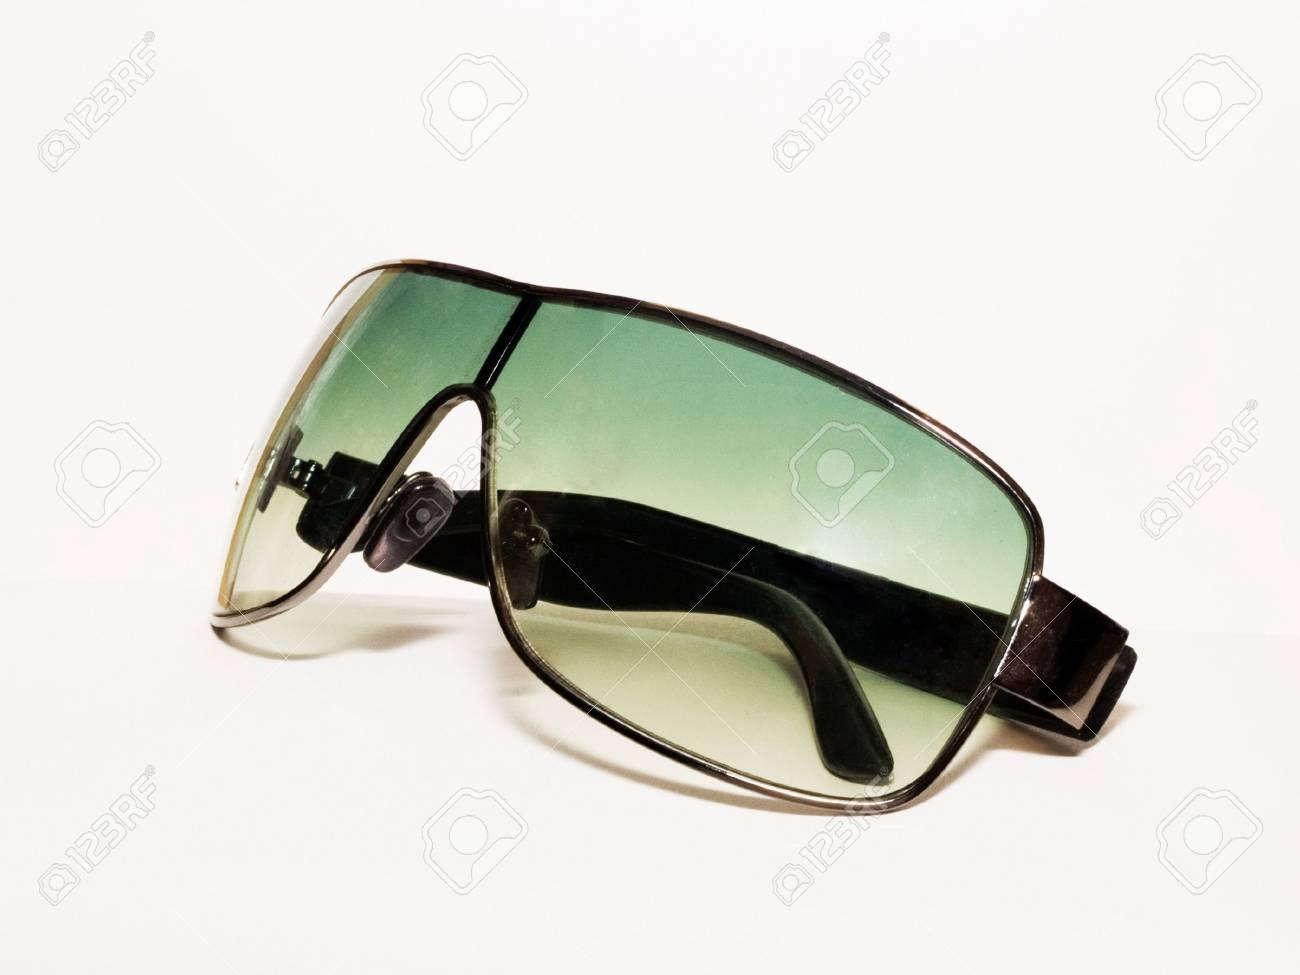 ae50ae4dc10d0c Groene zonne bril geïsoleerd op wit Stockfoto - 3606546